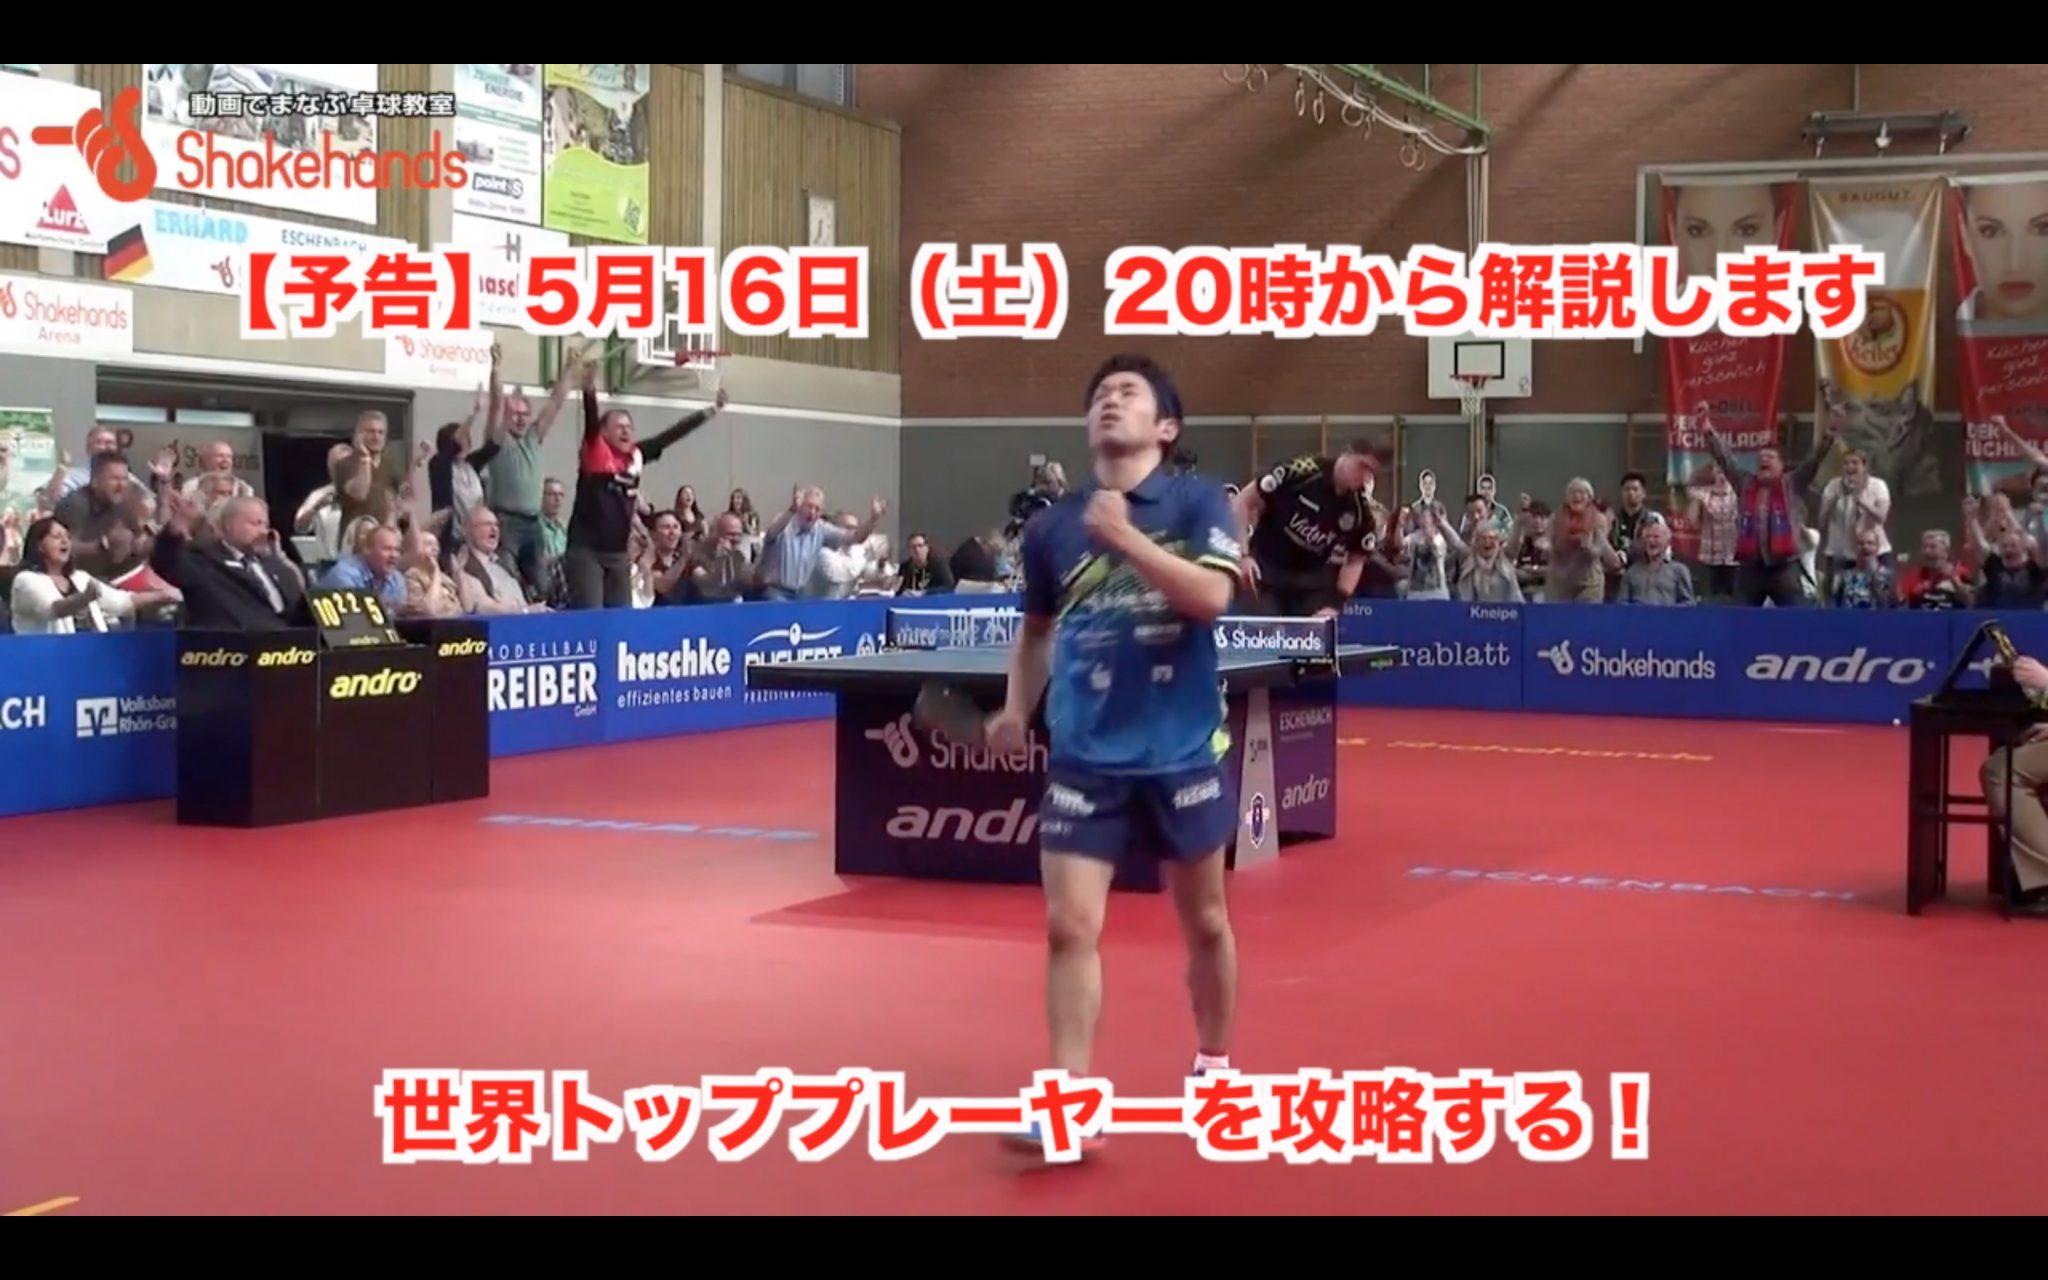 【予告】5月16日(土)20:00からの戦術動画解説は及川選手 vs フランシスカ選手(ドイツ)